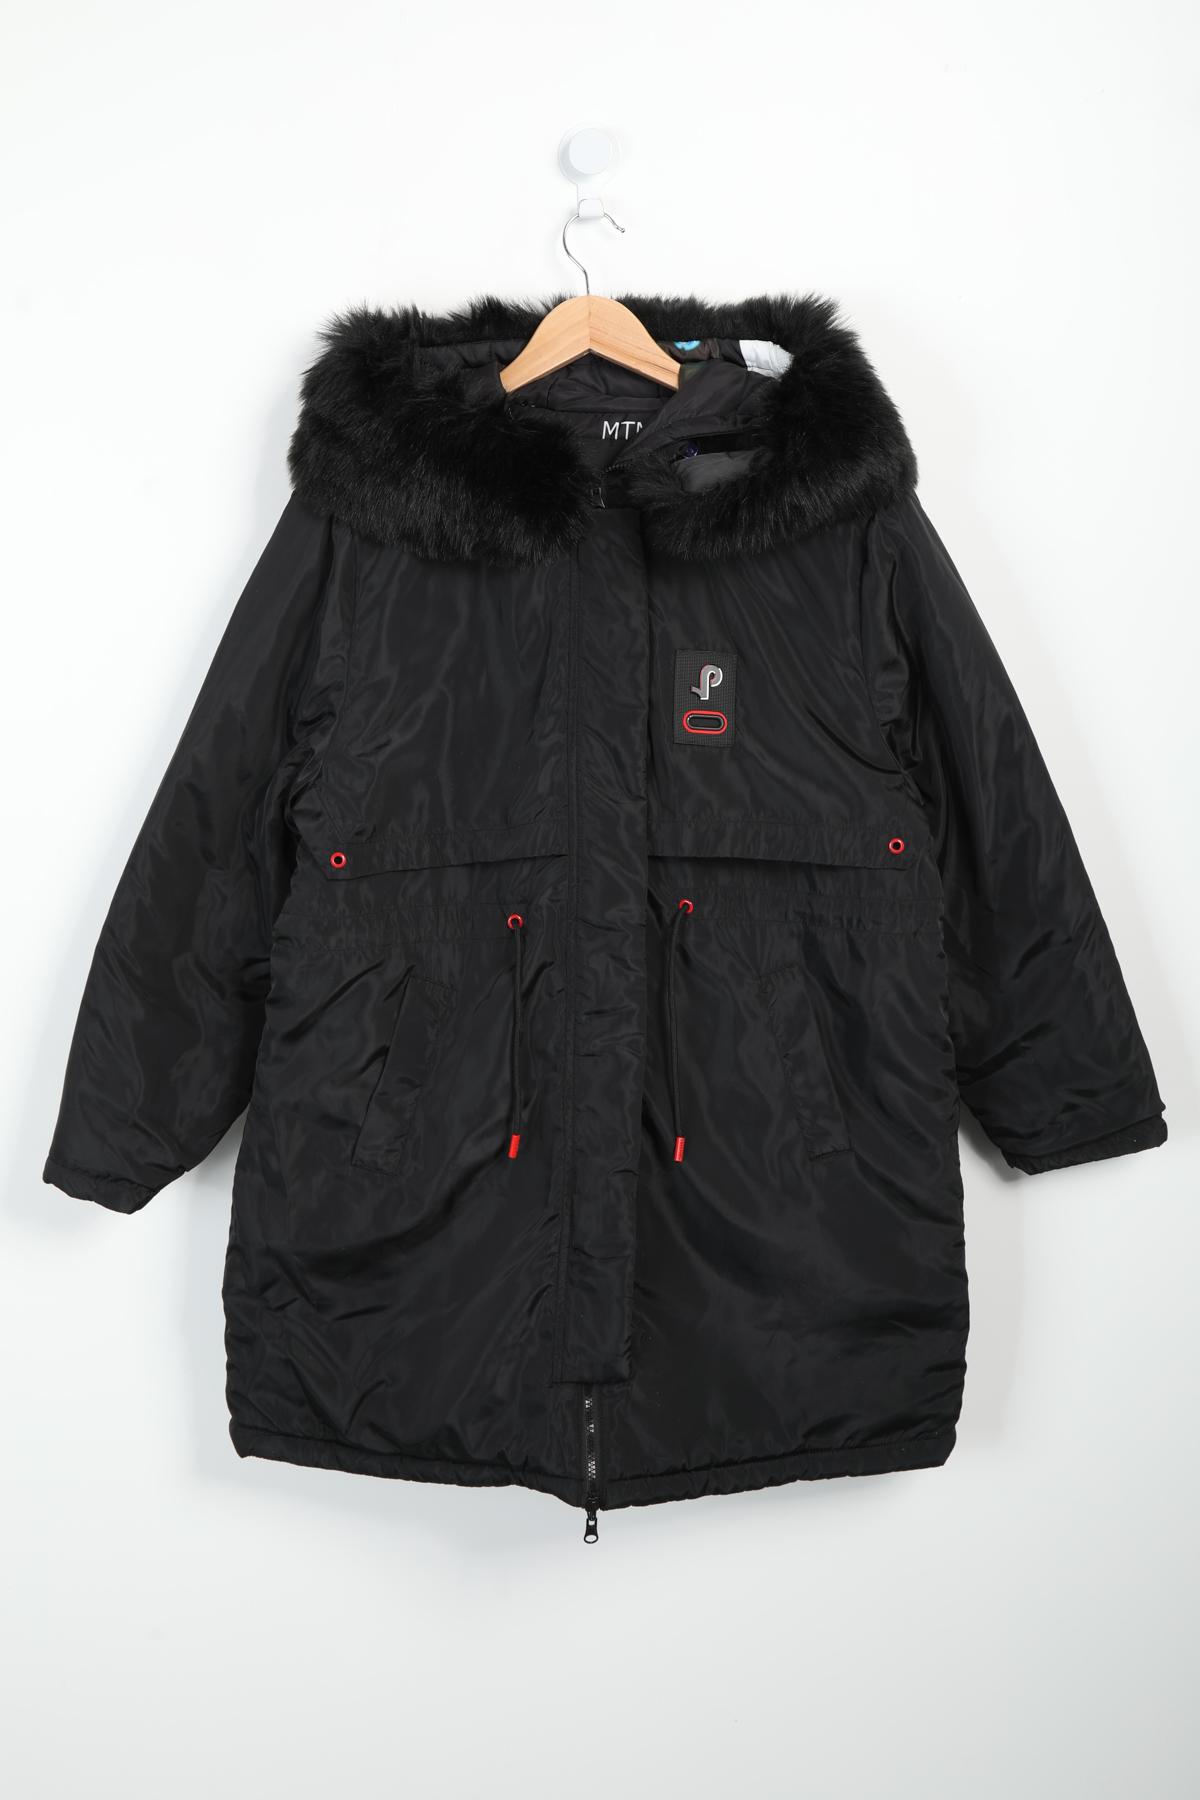 manteau grande taille femme pomme rouge c6171 noir 42-56